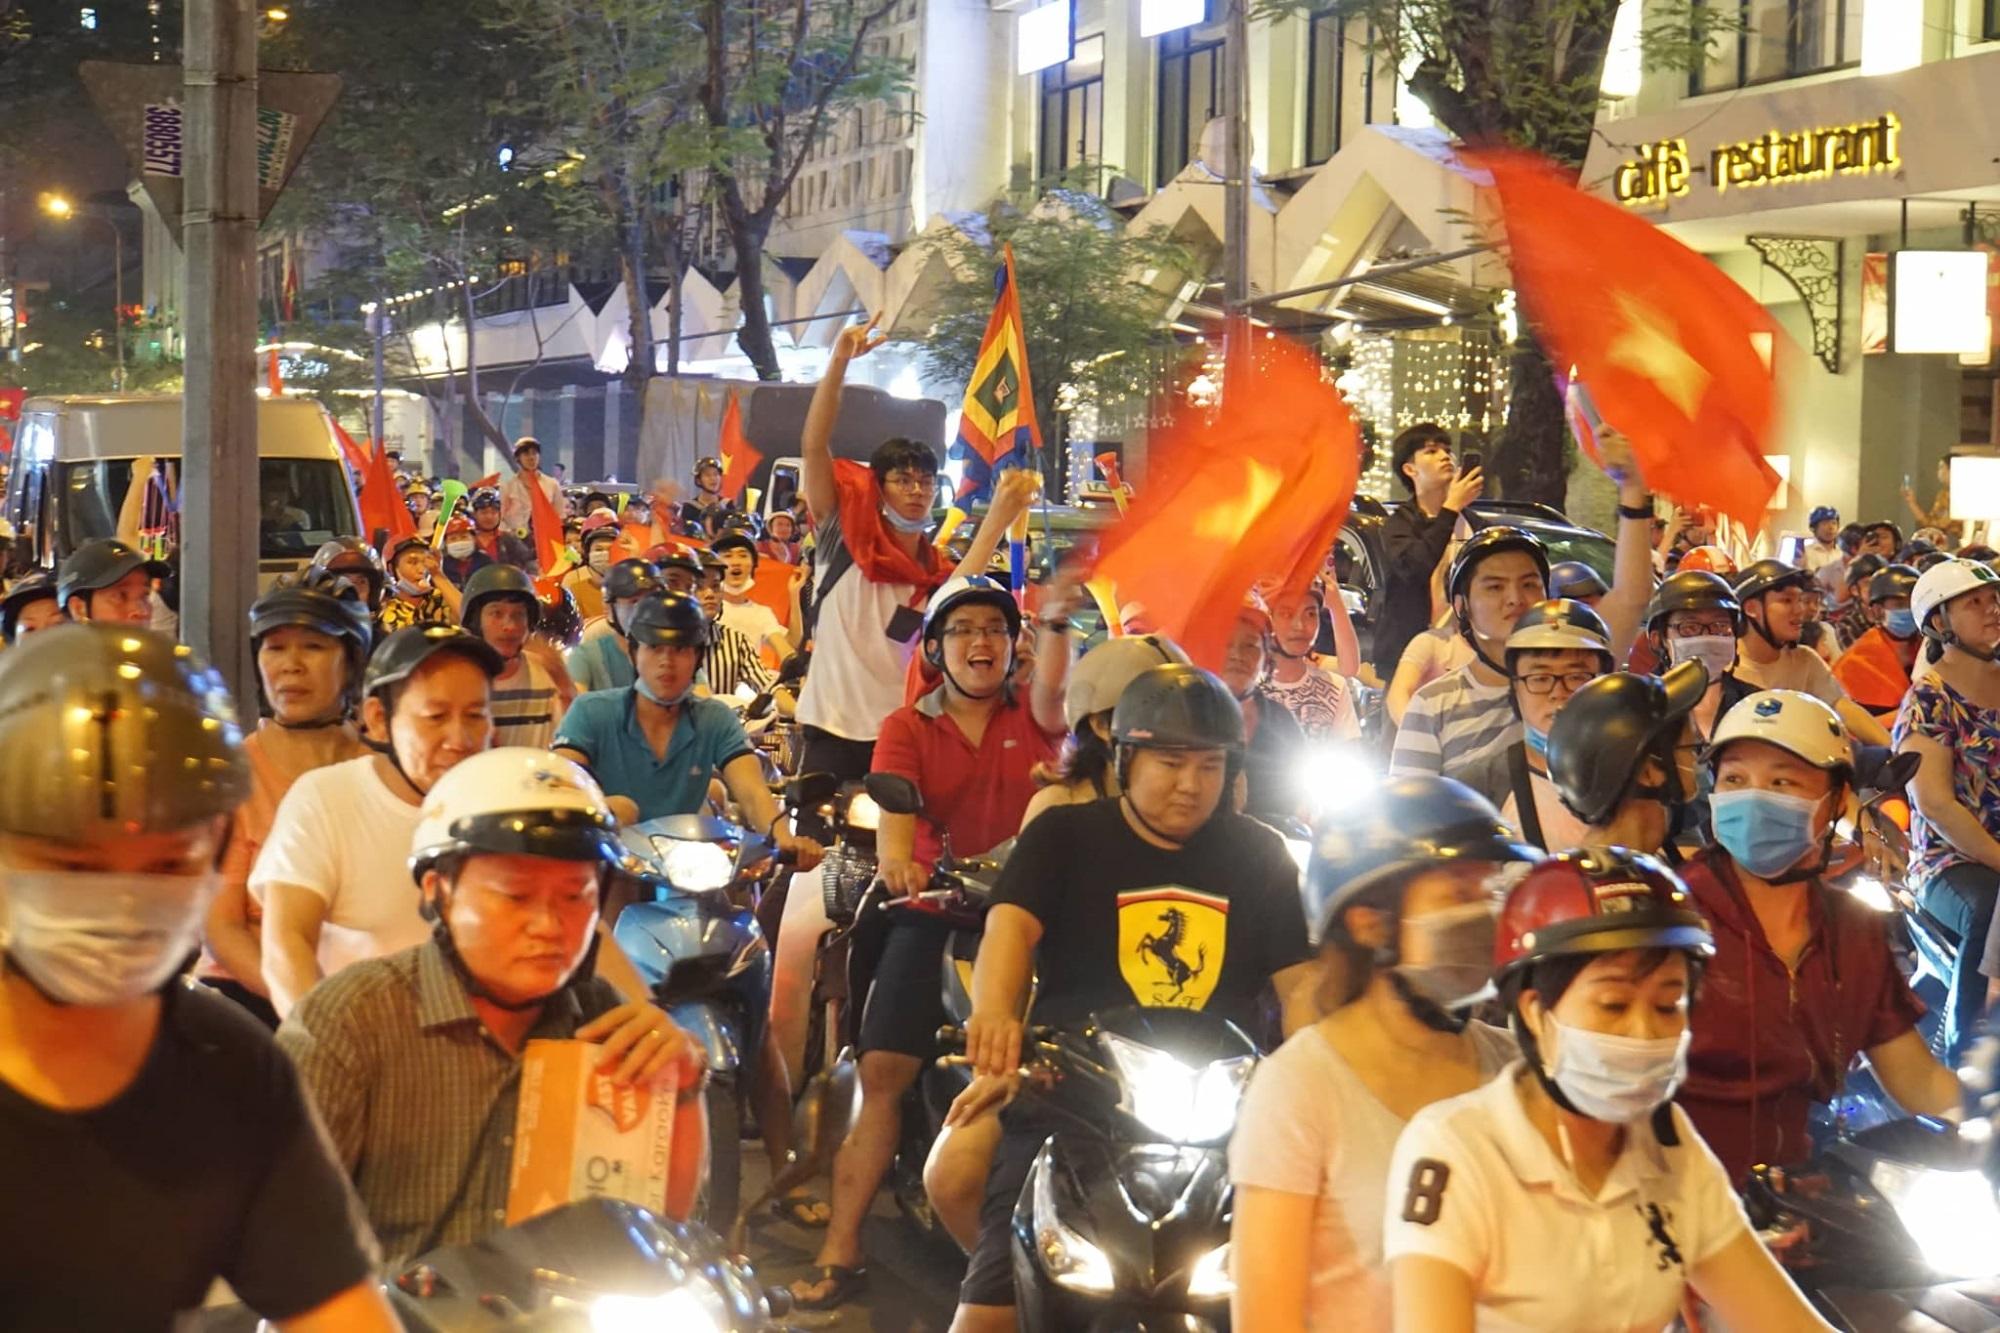 Pháo sáng, cờ hoa rực rỡ Sài Gòn khi triệu người xuống đường ăn mừng Việt Nam vào chung kết AFF Cup 2018 - Ảnh 22